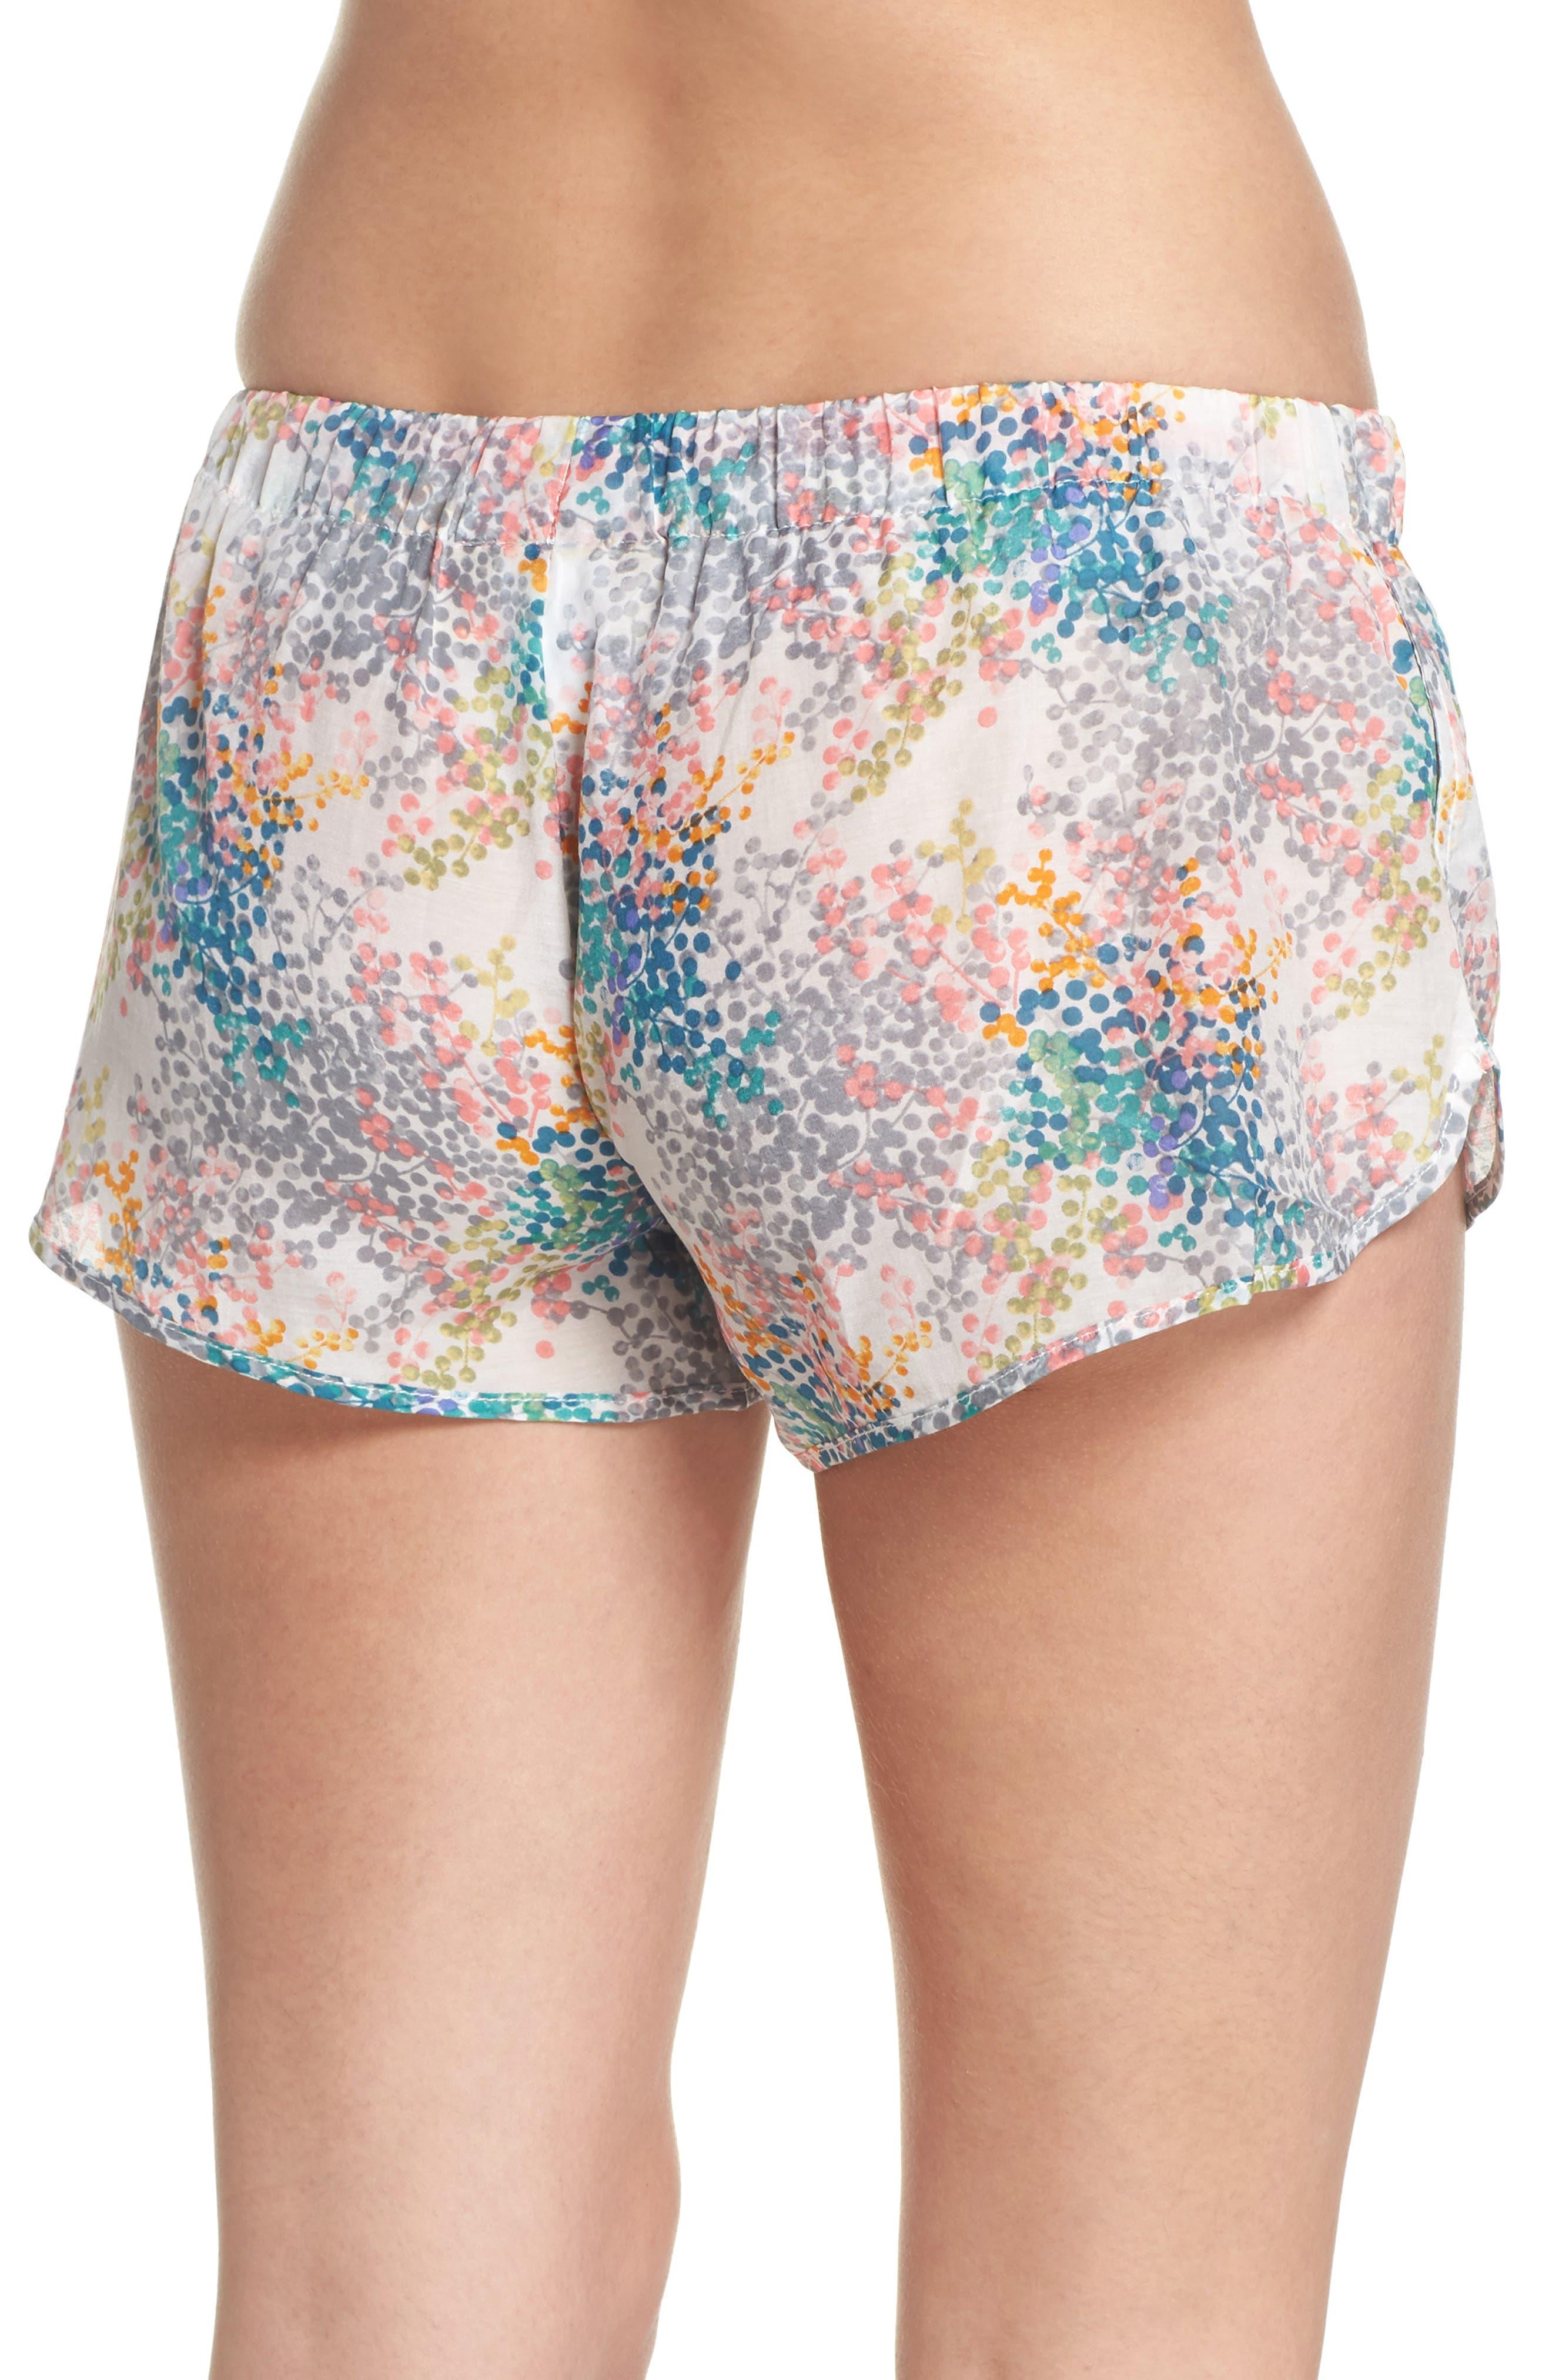 Bouquet Pajama Shorts,                             Alternate thumbnail 2, color,                             442